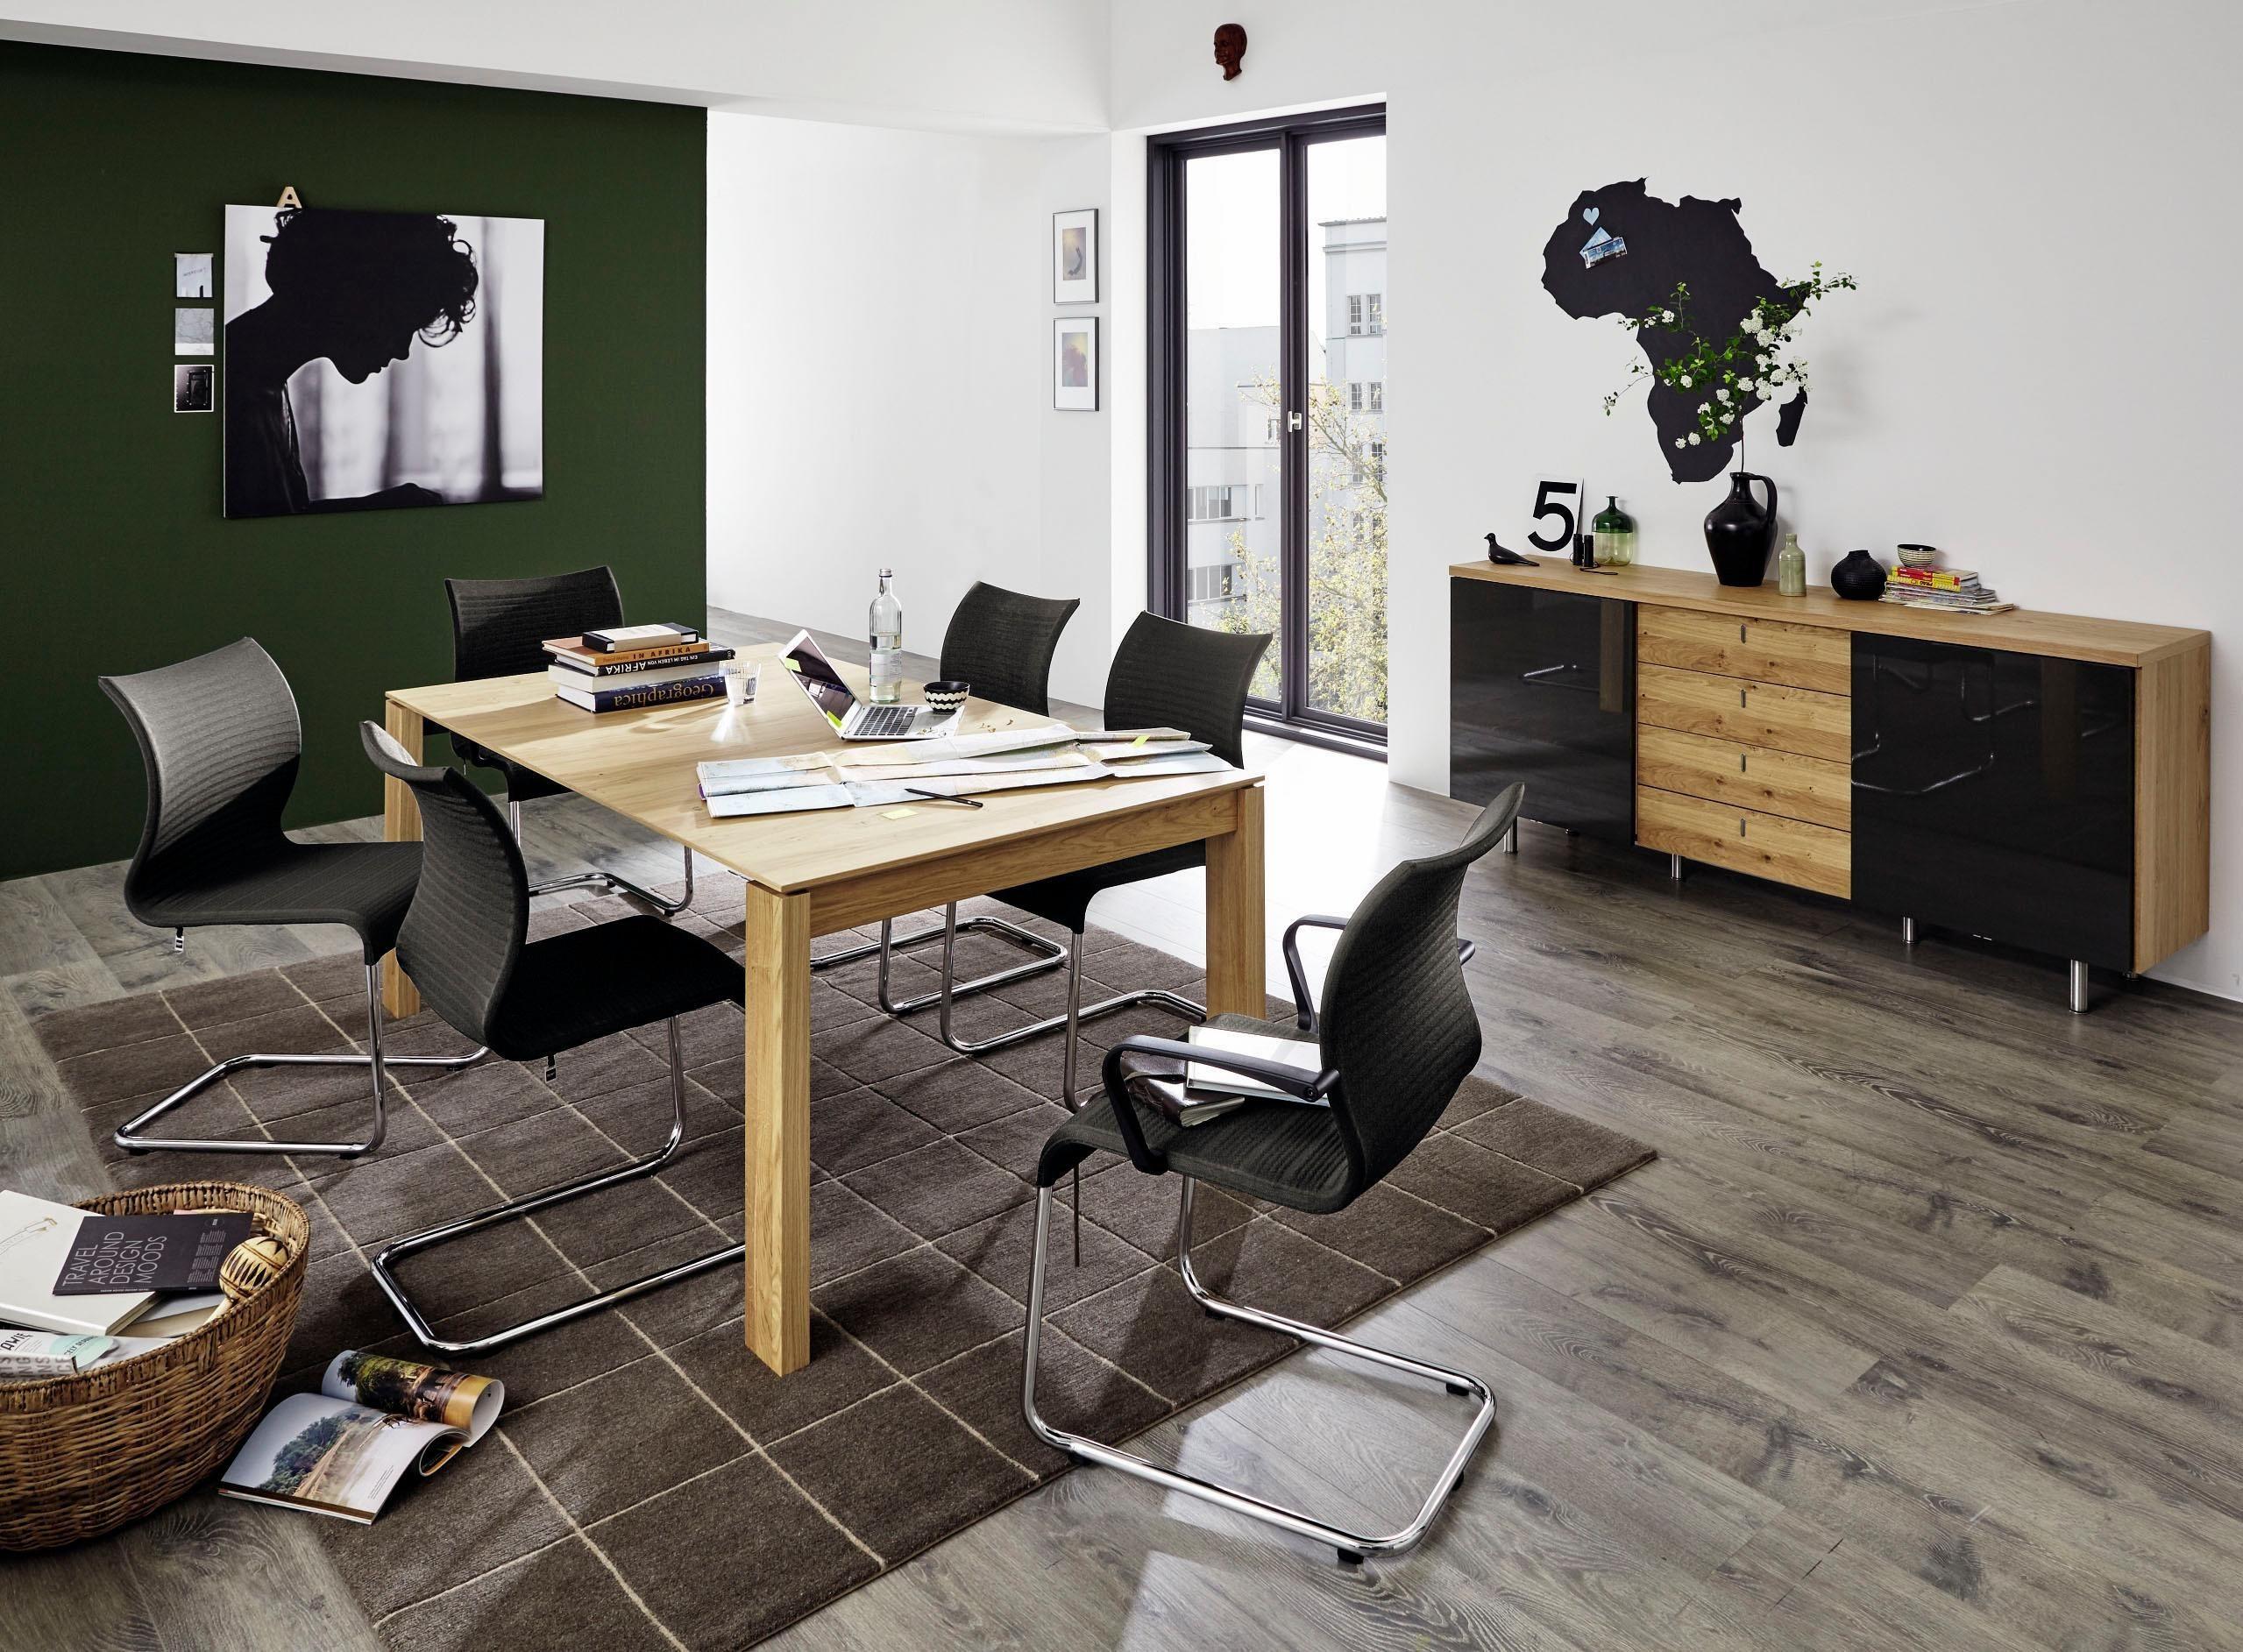 huelsta Esstische online kaufen | Möbel-Suchmaschine | ladendirekt.de